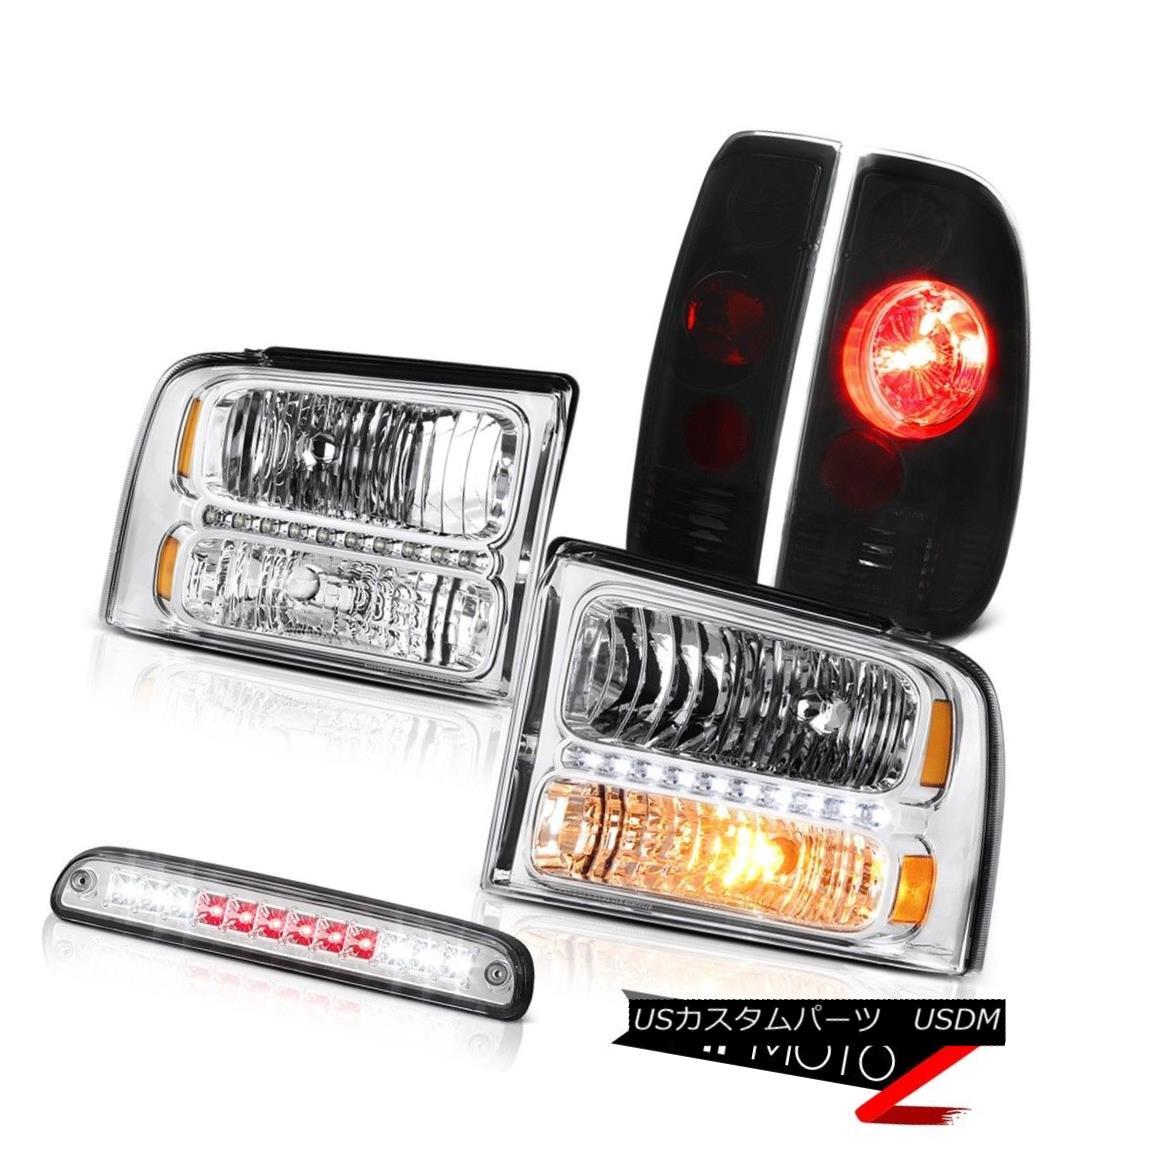 ヘッドライト 05 06 07 F450 F550 Chrome Headlights Sinister Black Tail Lamps Third Brake LED 05 06 07 F450 F550クロームヘッドライトブラックテールランプ灯3番目のブレーキLED